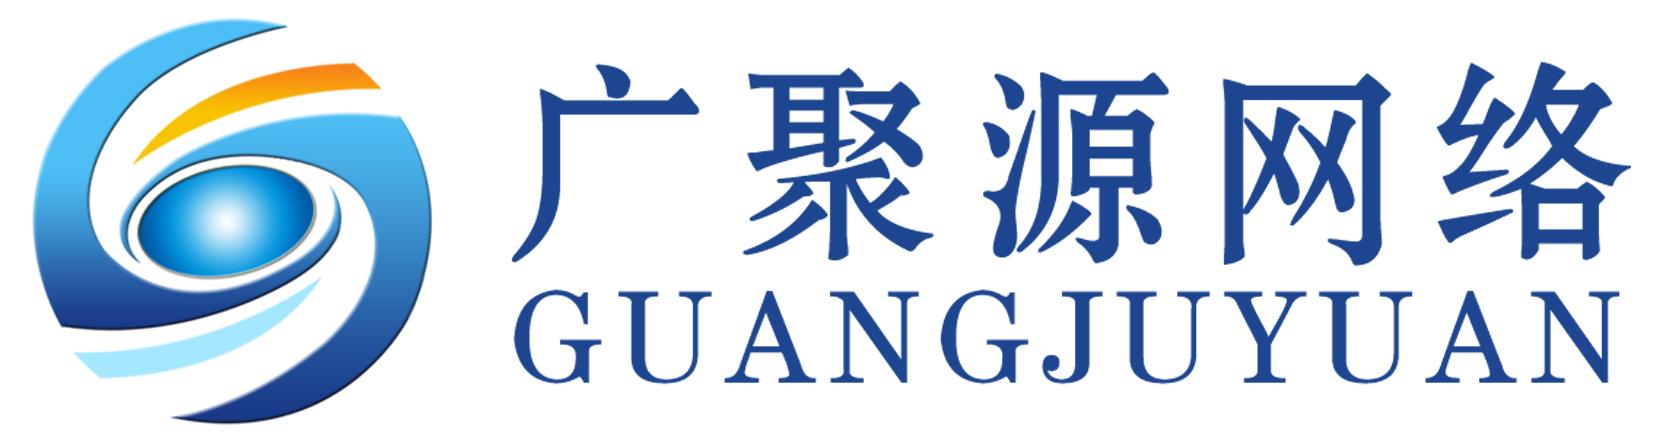 甘肃广聚源网络技术有限公司